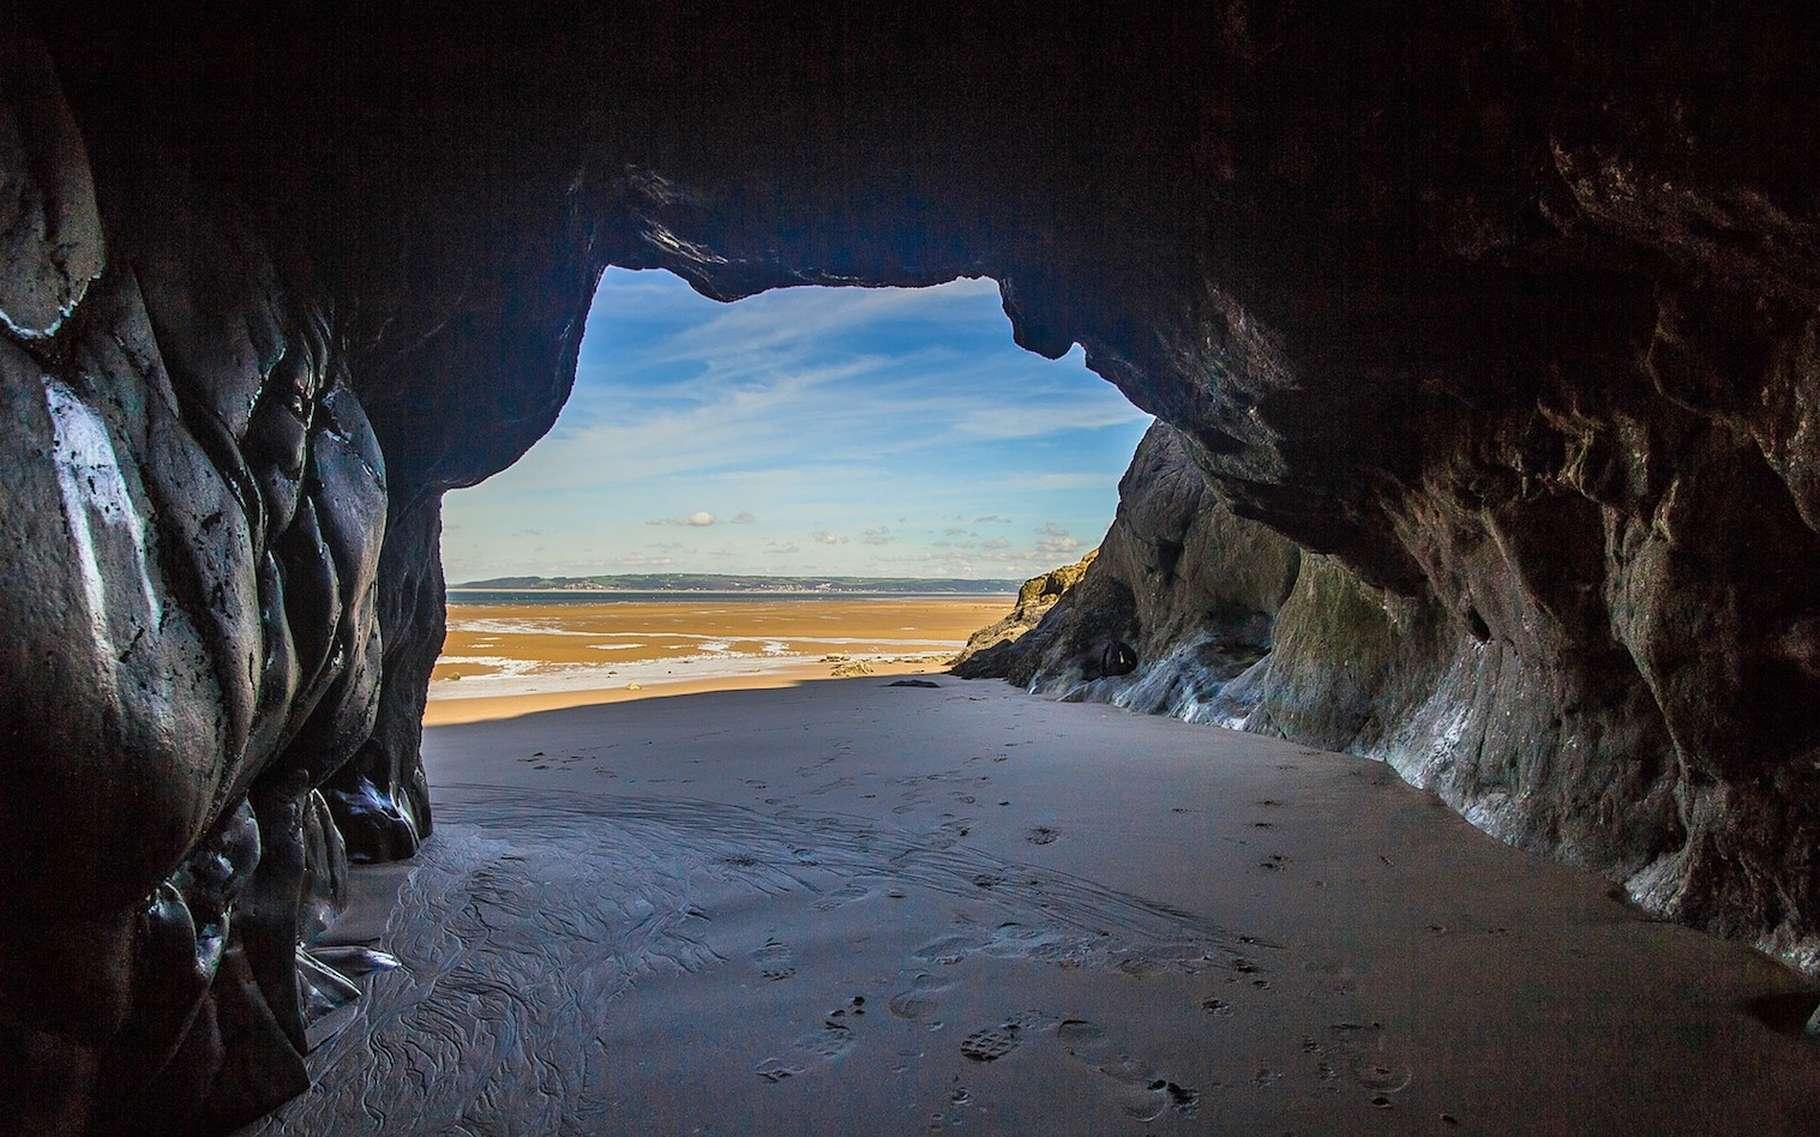 Les grottes sont des cavités souterraines qui peuvent être révélées par la marée. © diego_torres, Pixabay, CC0 Creative Commons